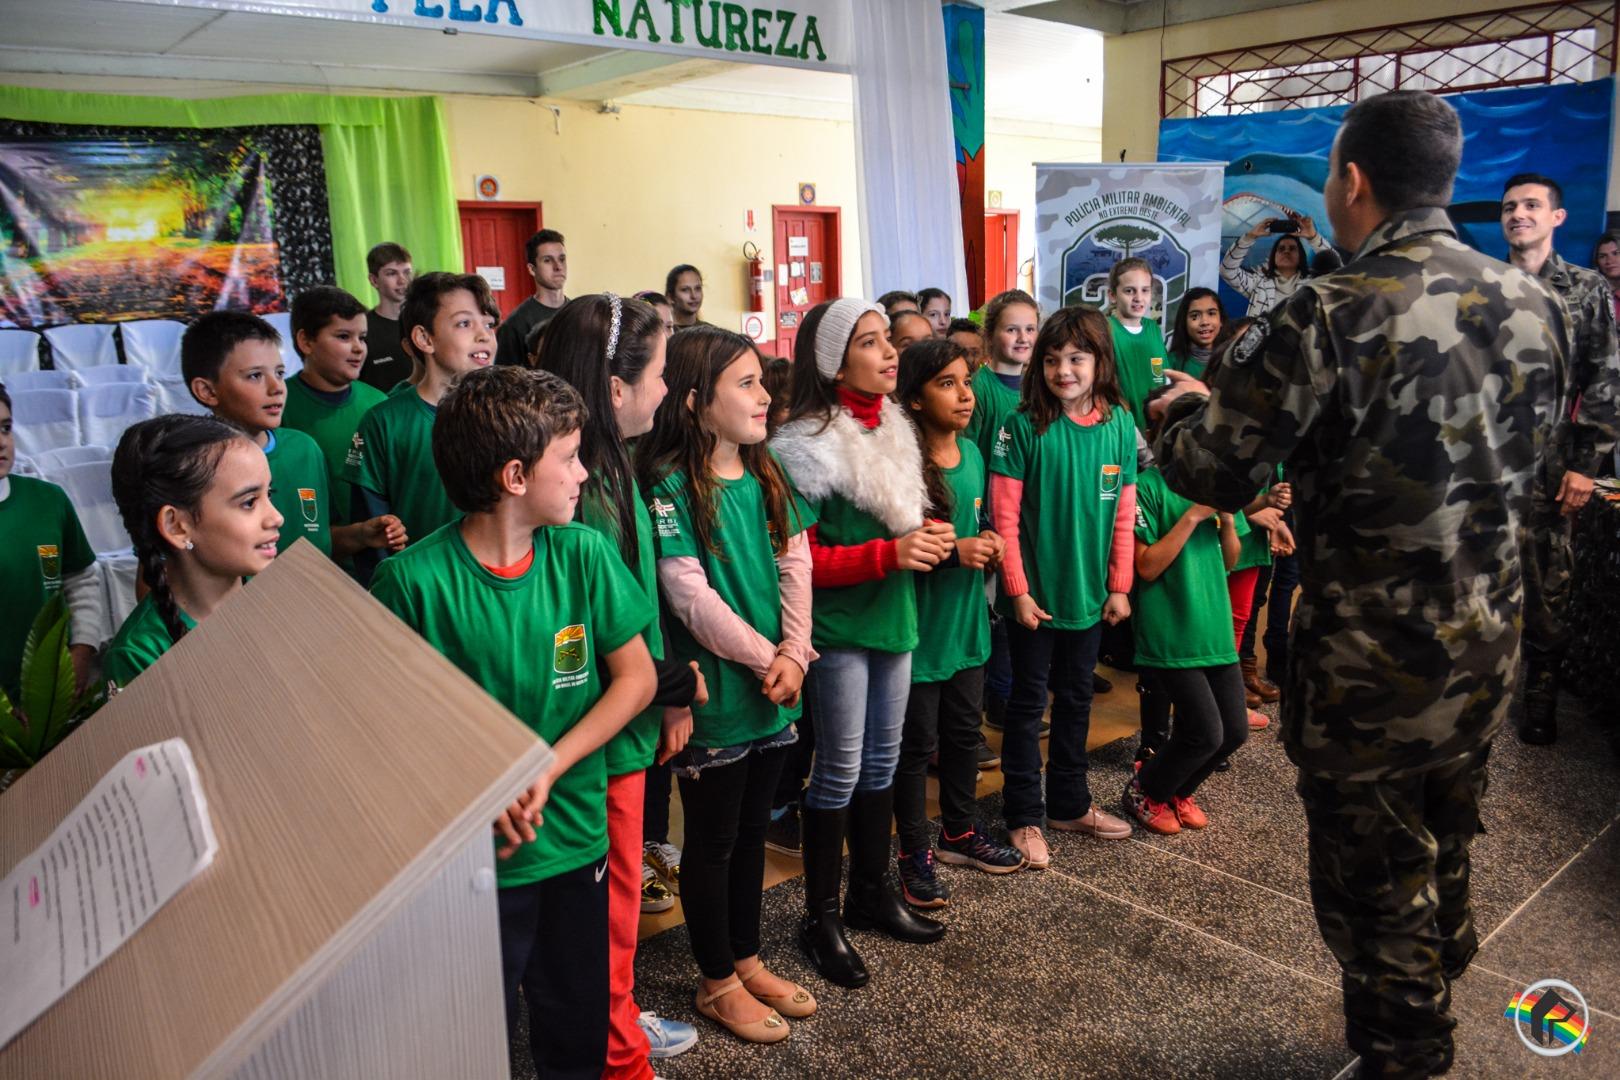 Polícia Militar Ambiental realiza formatura do programa PUMA